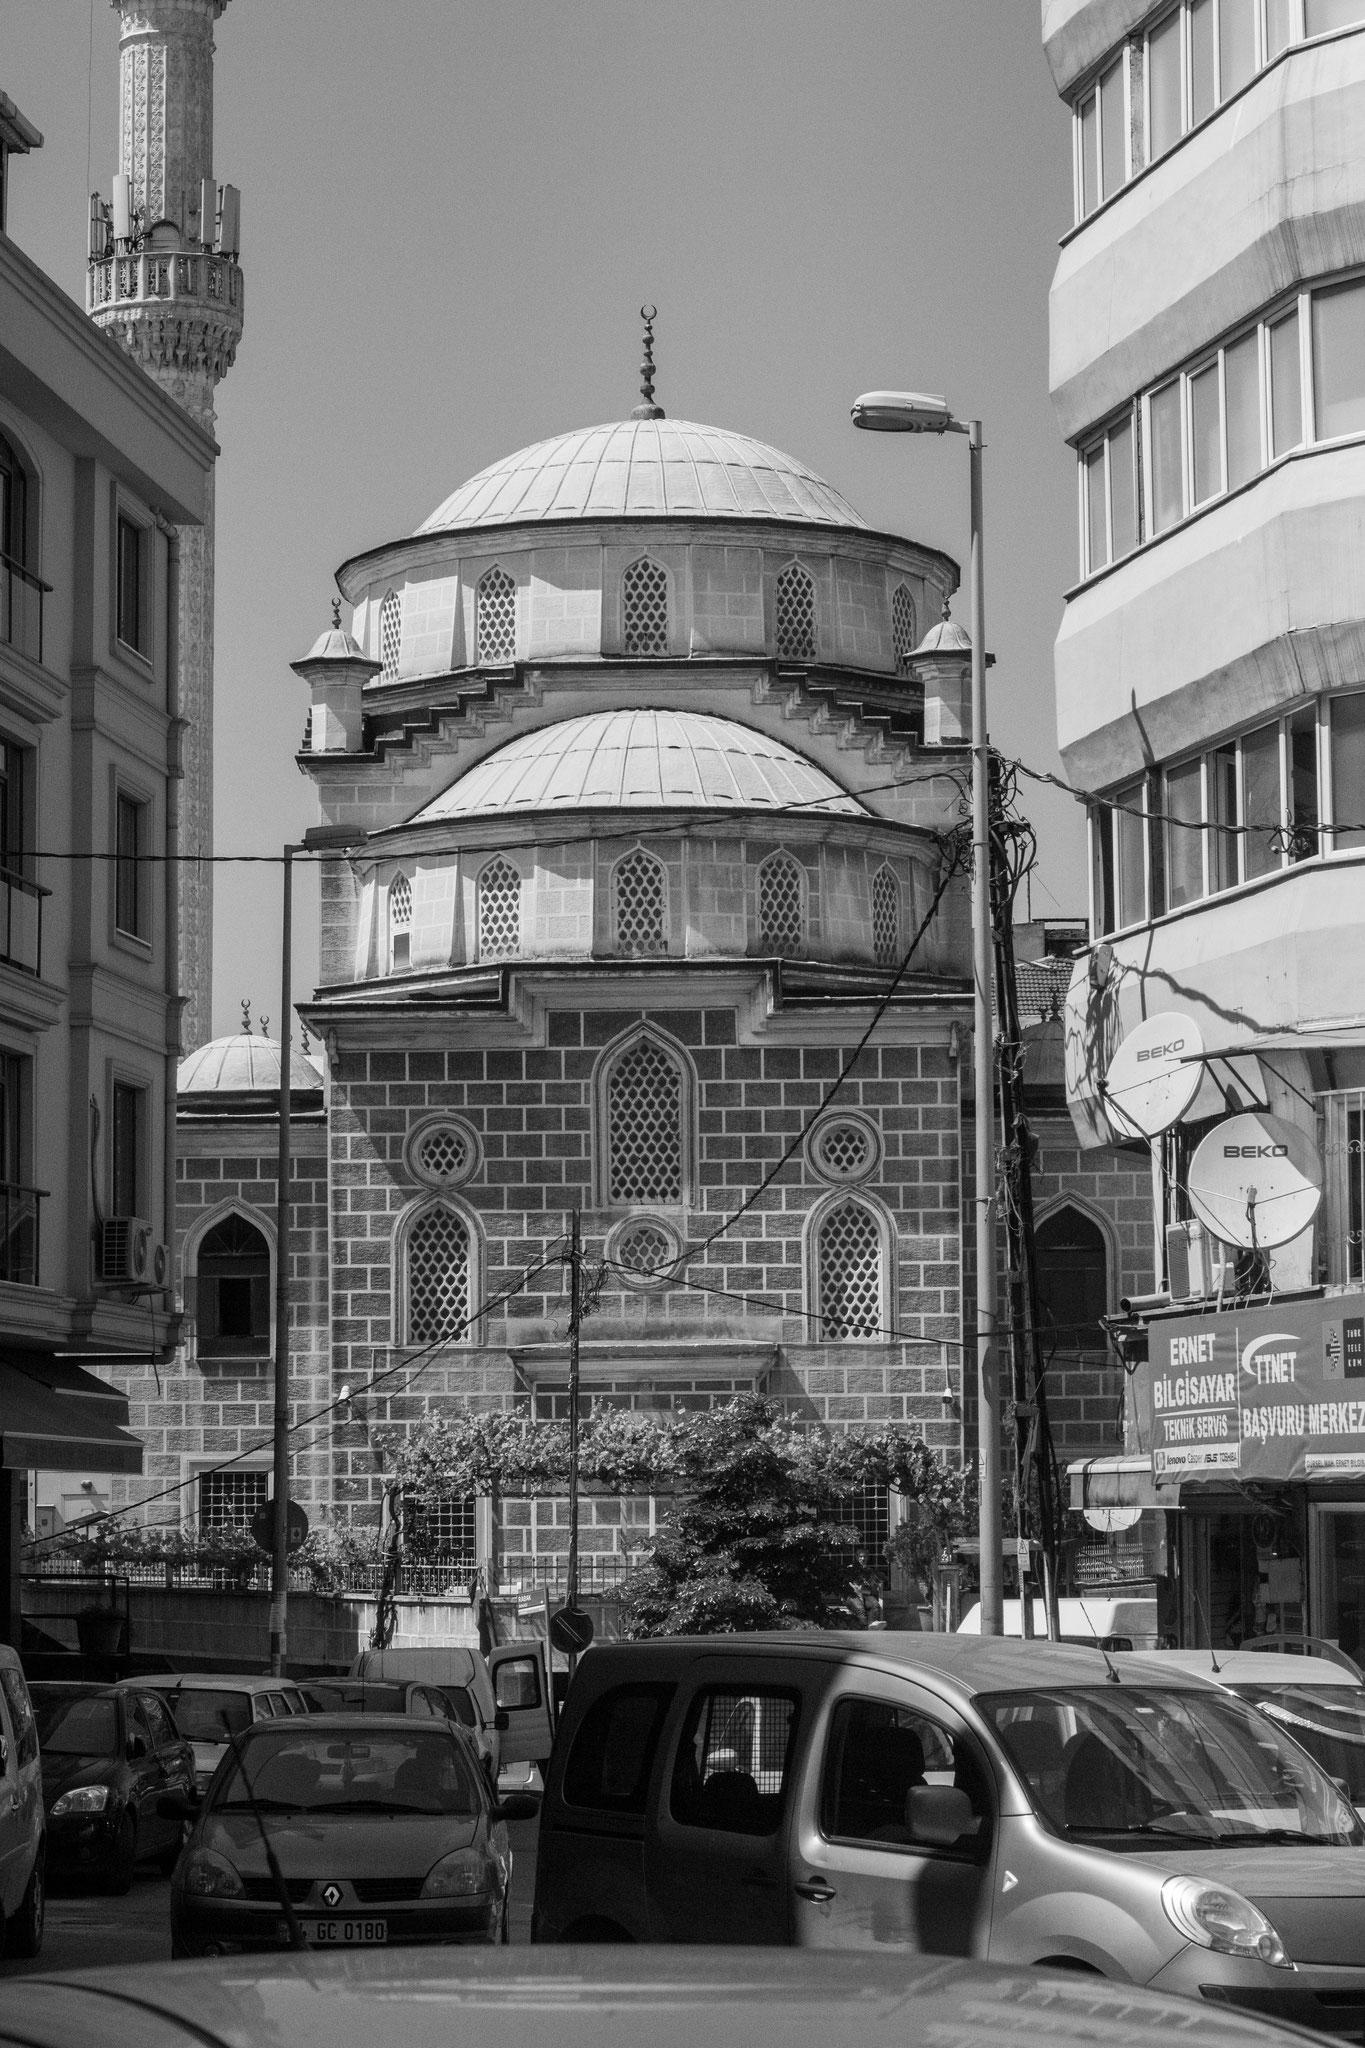 Kağıthane, Istanbul. May 2016.